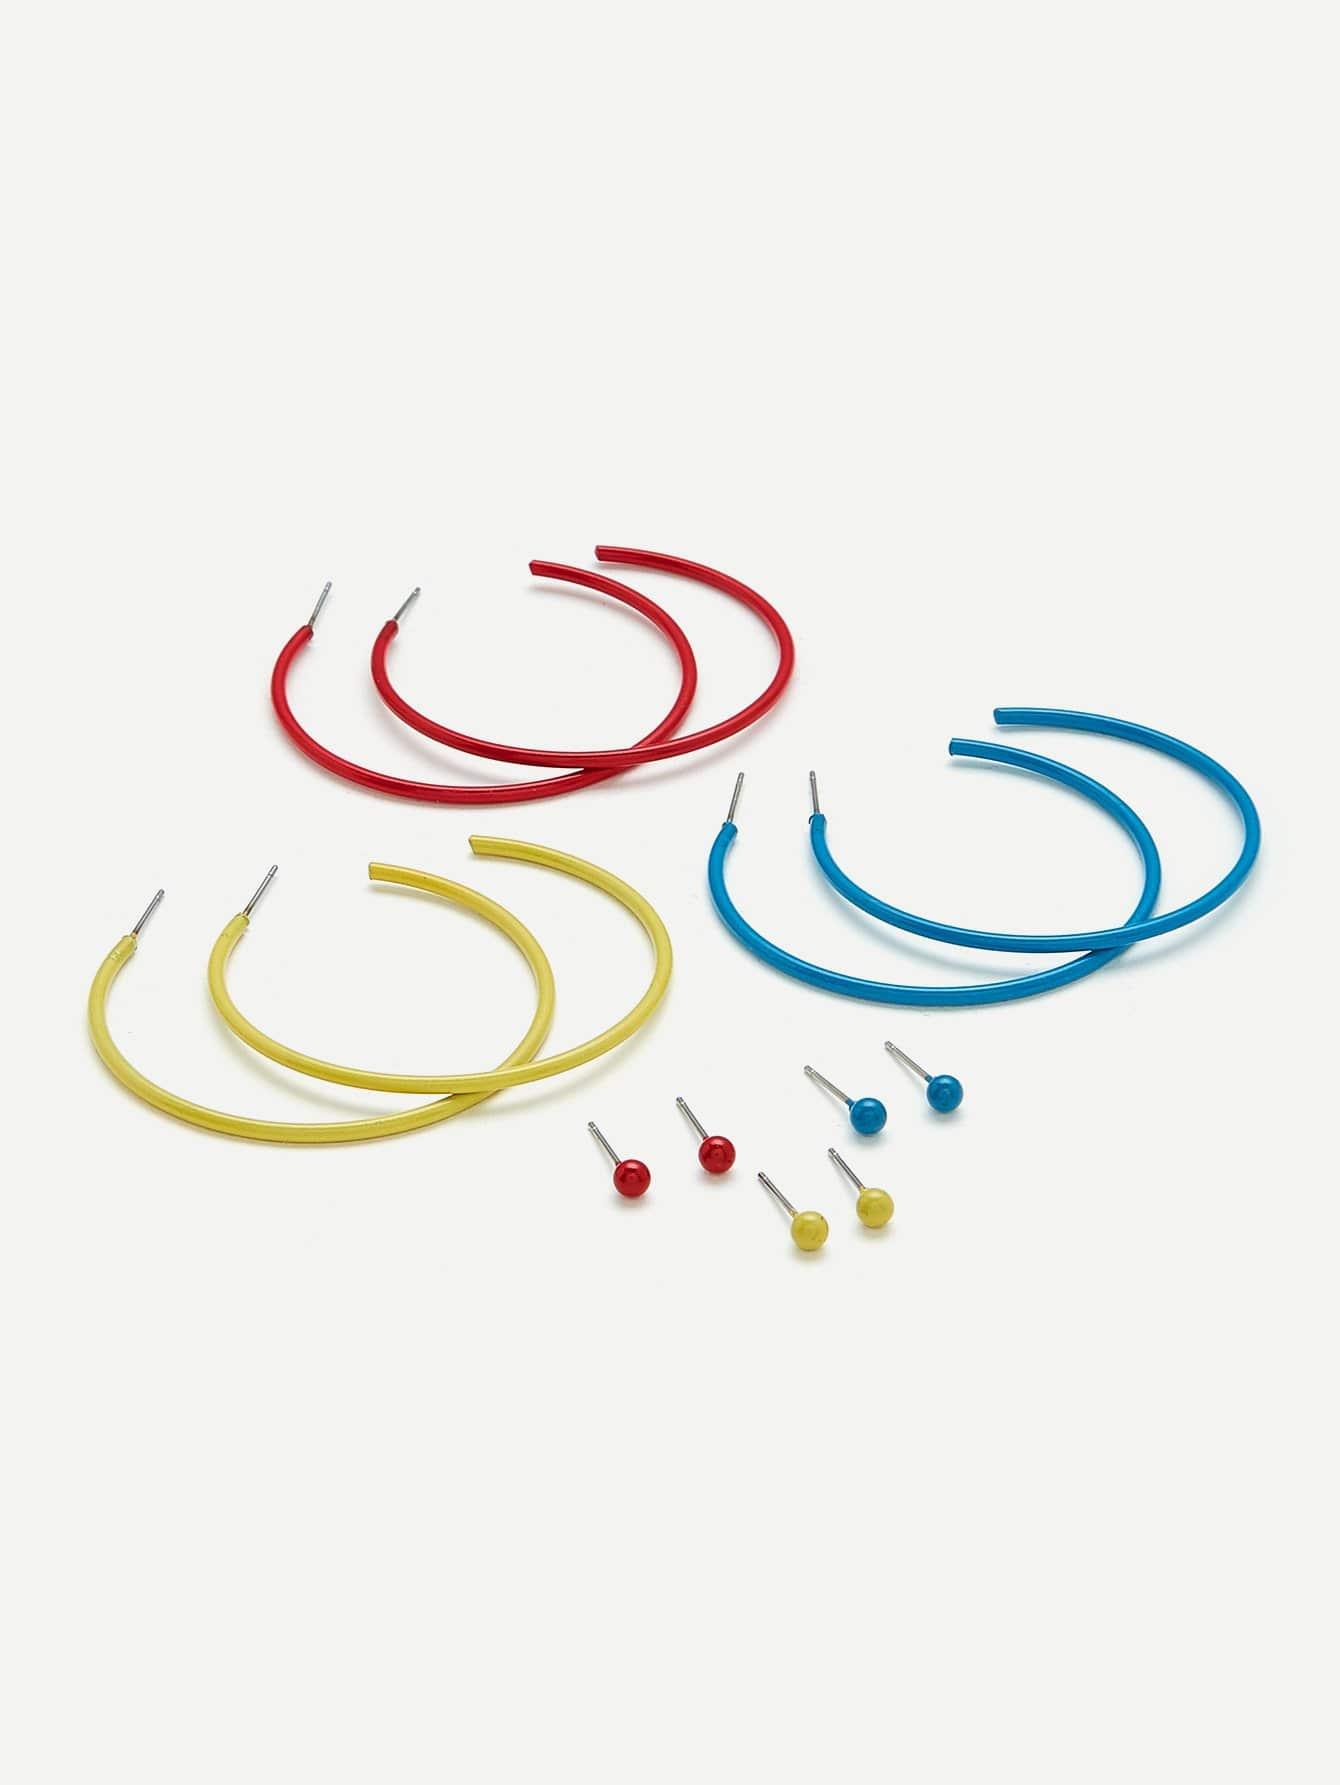 Oversized Hoop Earrings & Stud Earrings 6pairs glitter hoop stud earrings